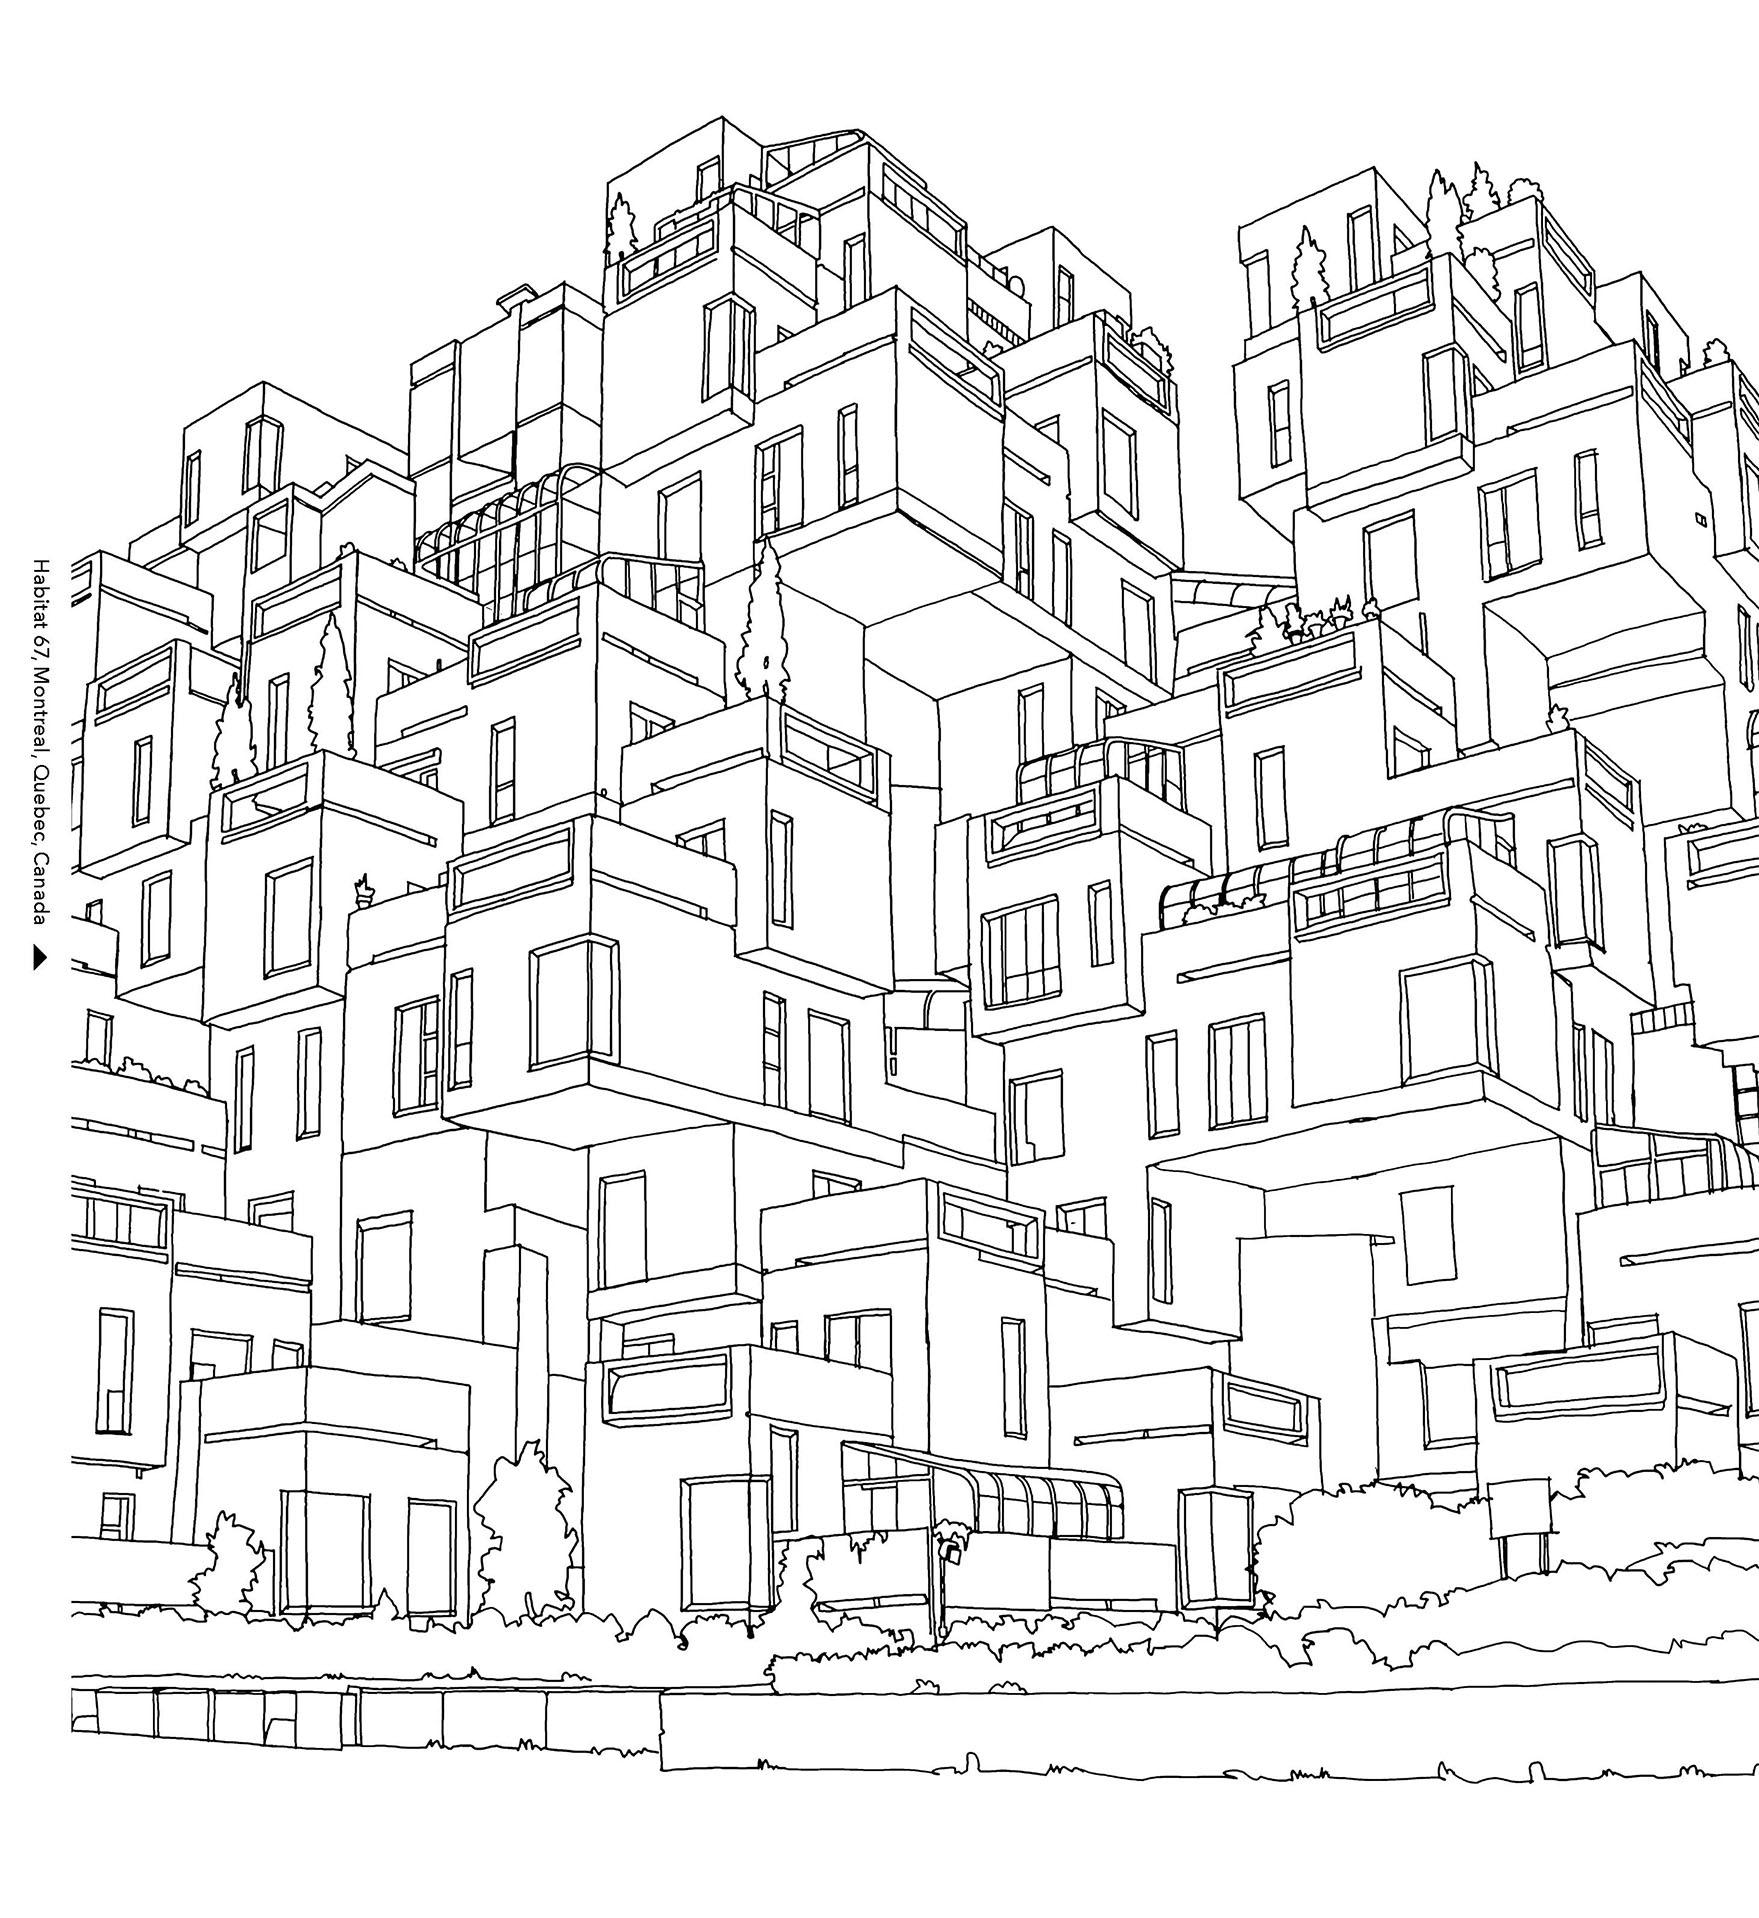 Architektur zuhause 84968